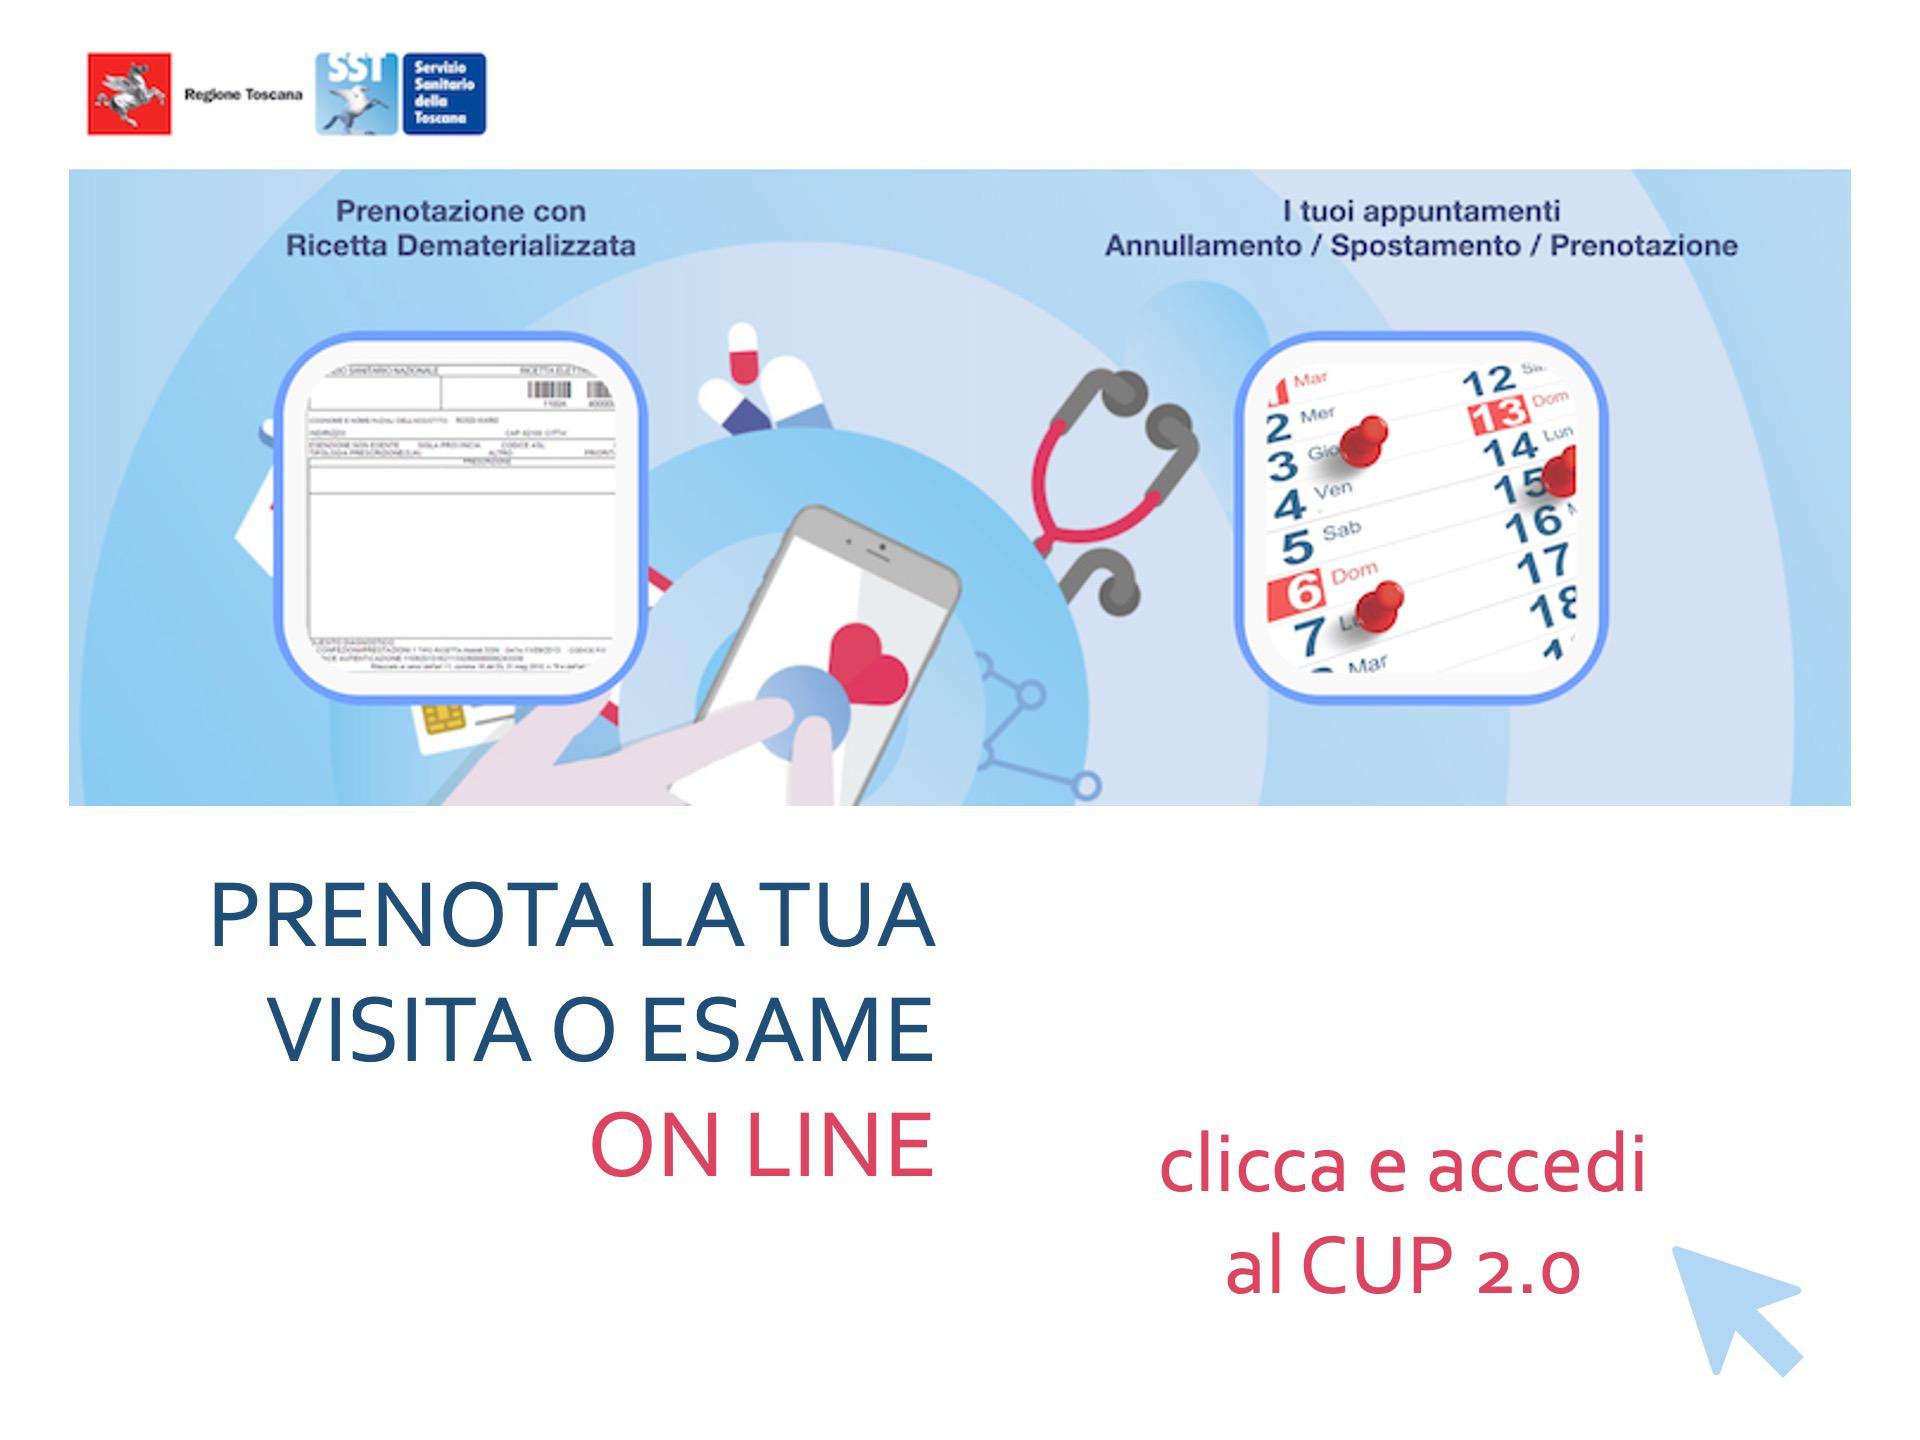 Cup Online 2.0